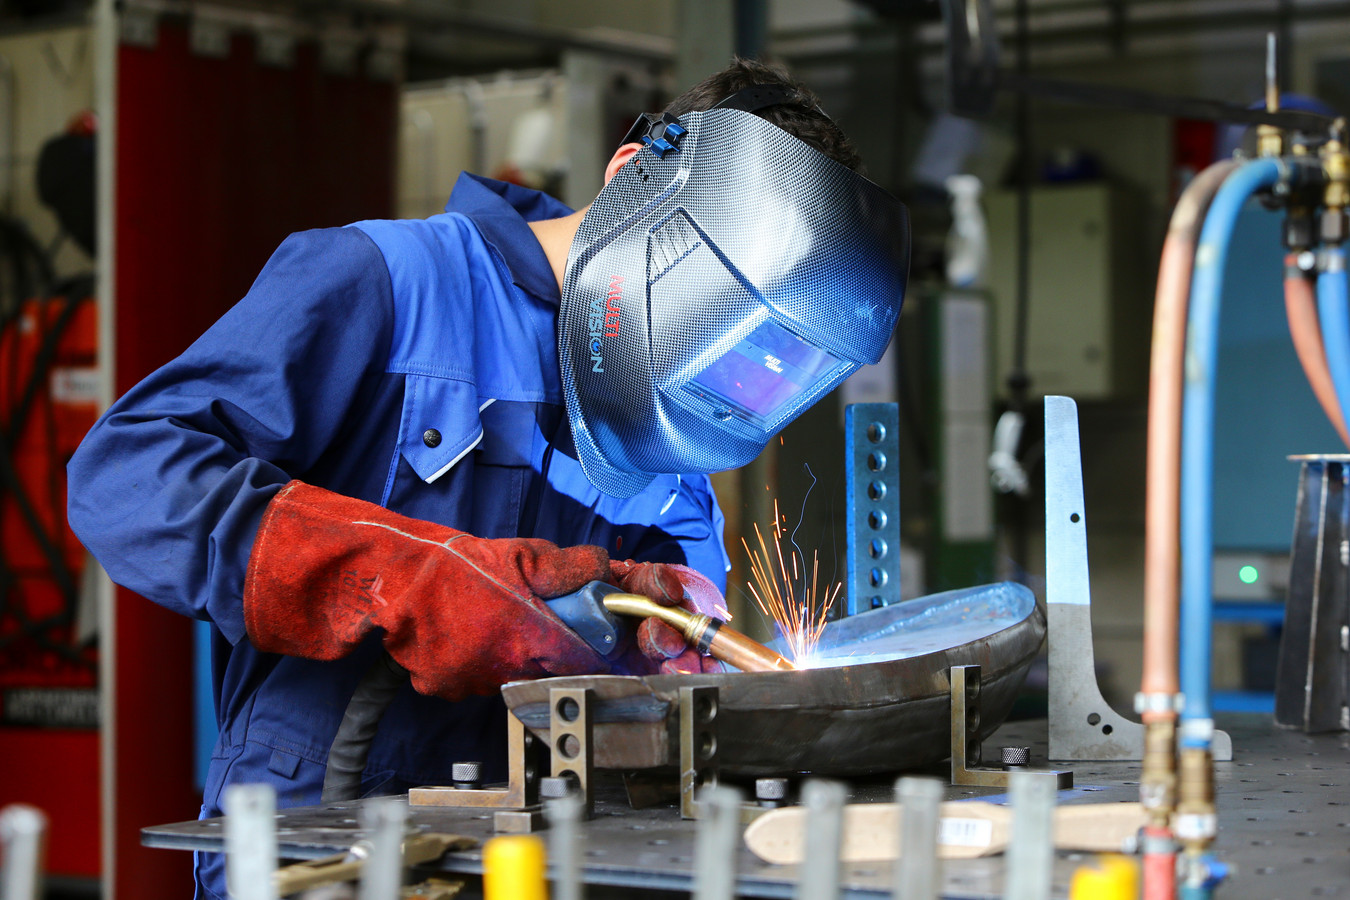 In de regio werkt bijna één op de vijf werknemers (19 procent) bij een industrieel bedrijf. In totaal gaat het om 10.800 banen.